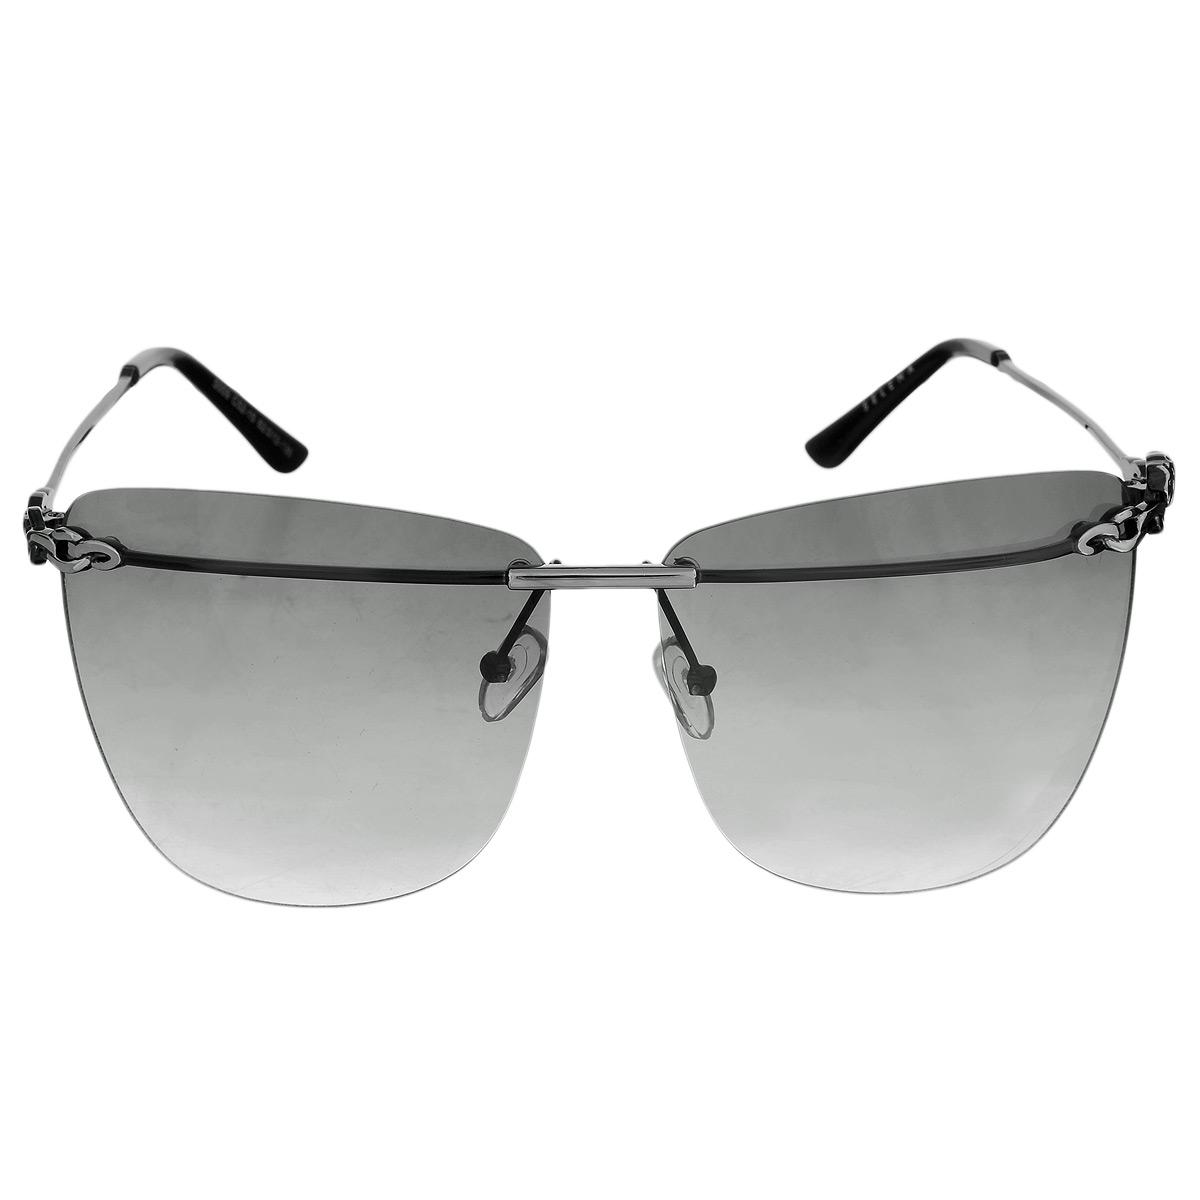 Солнцезащитные очки женские Selena, цвет: черный. 8003252180032521